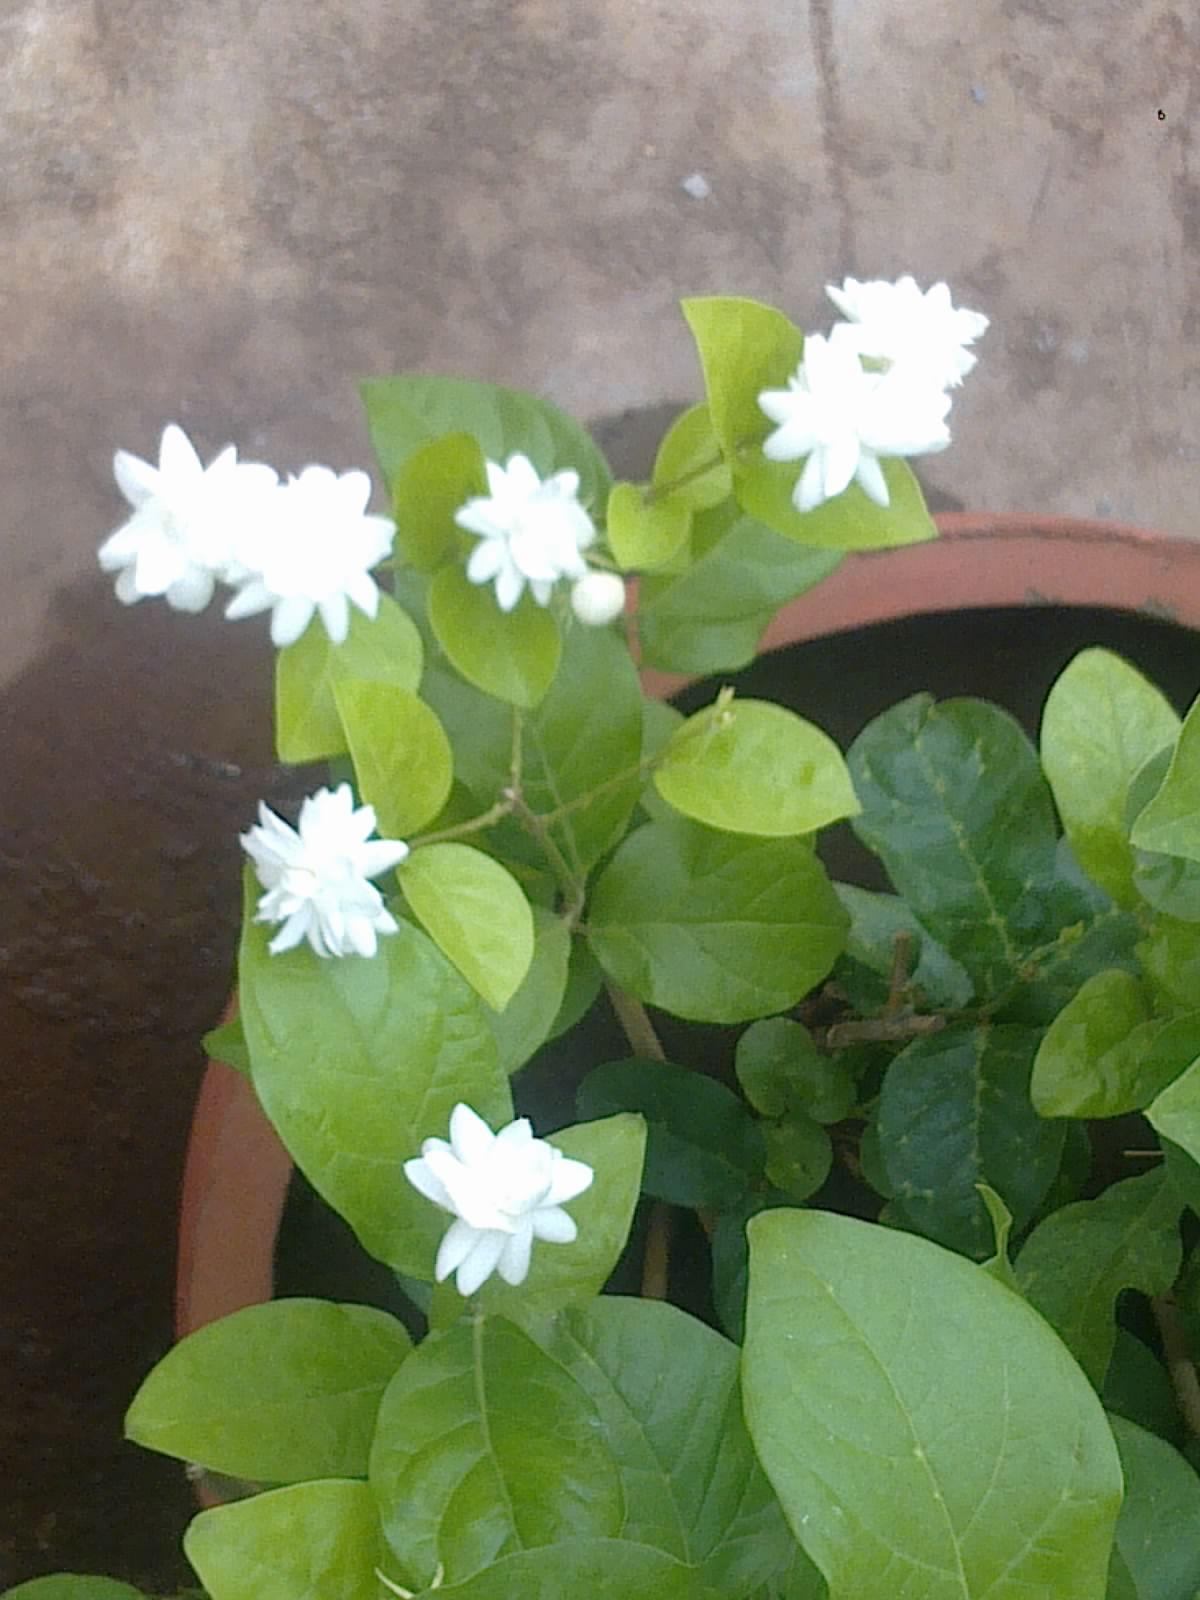 Jasmine S Terrace Cartoon: Plants Growing In My Potted Garden.: Arabian Jasmine Blooms